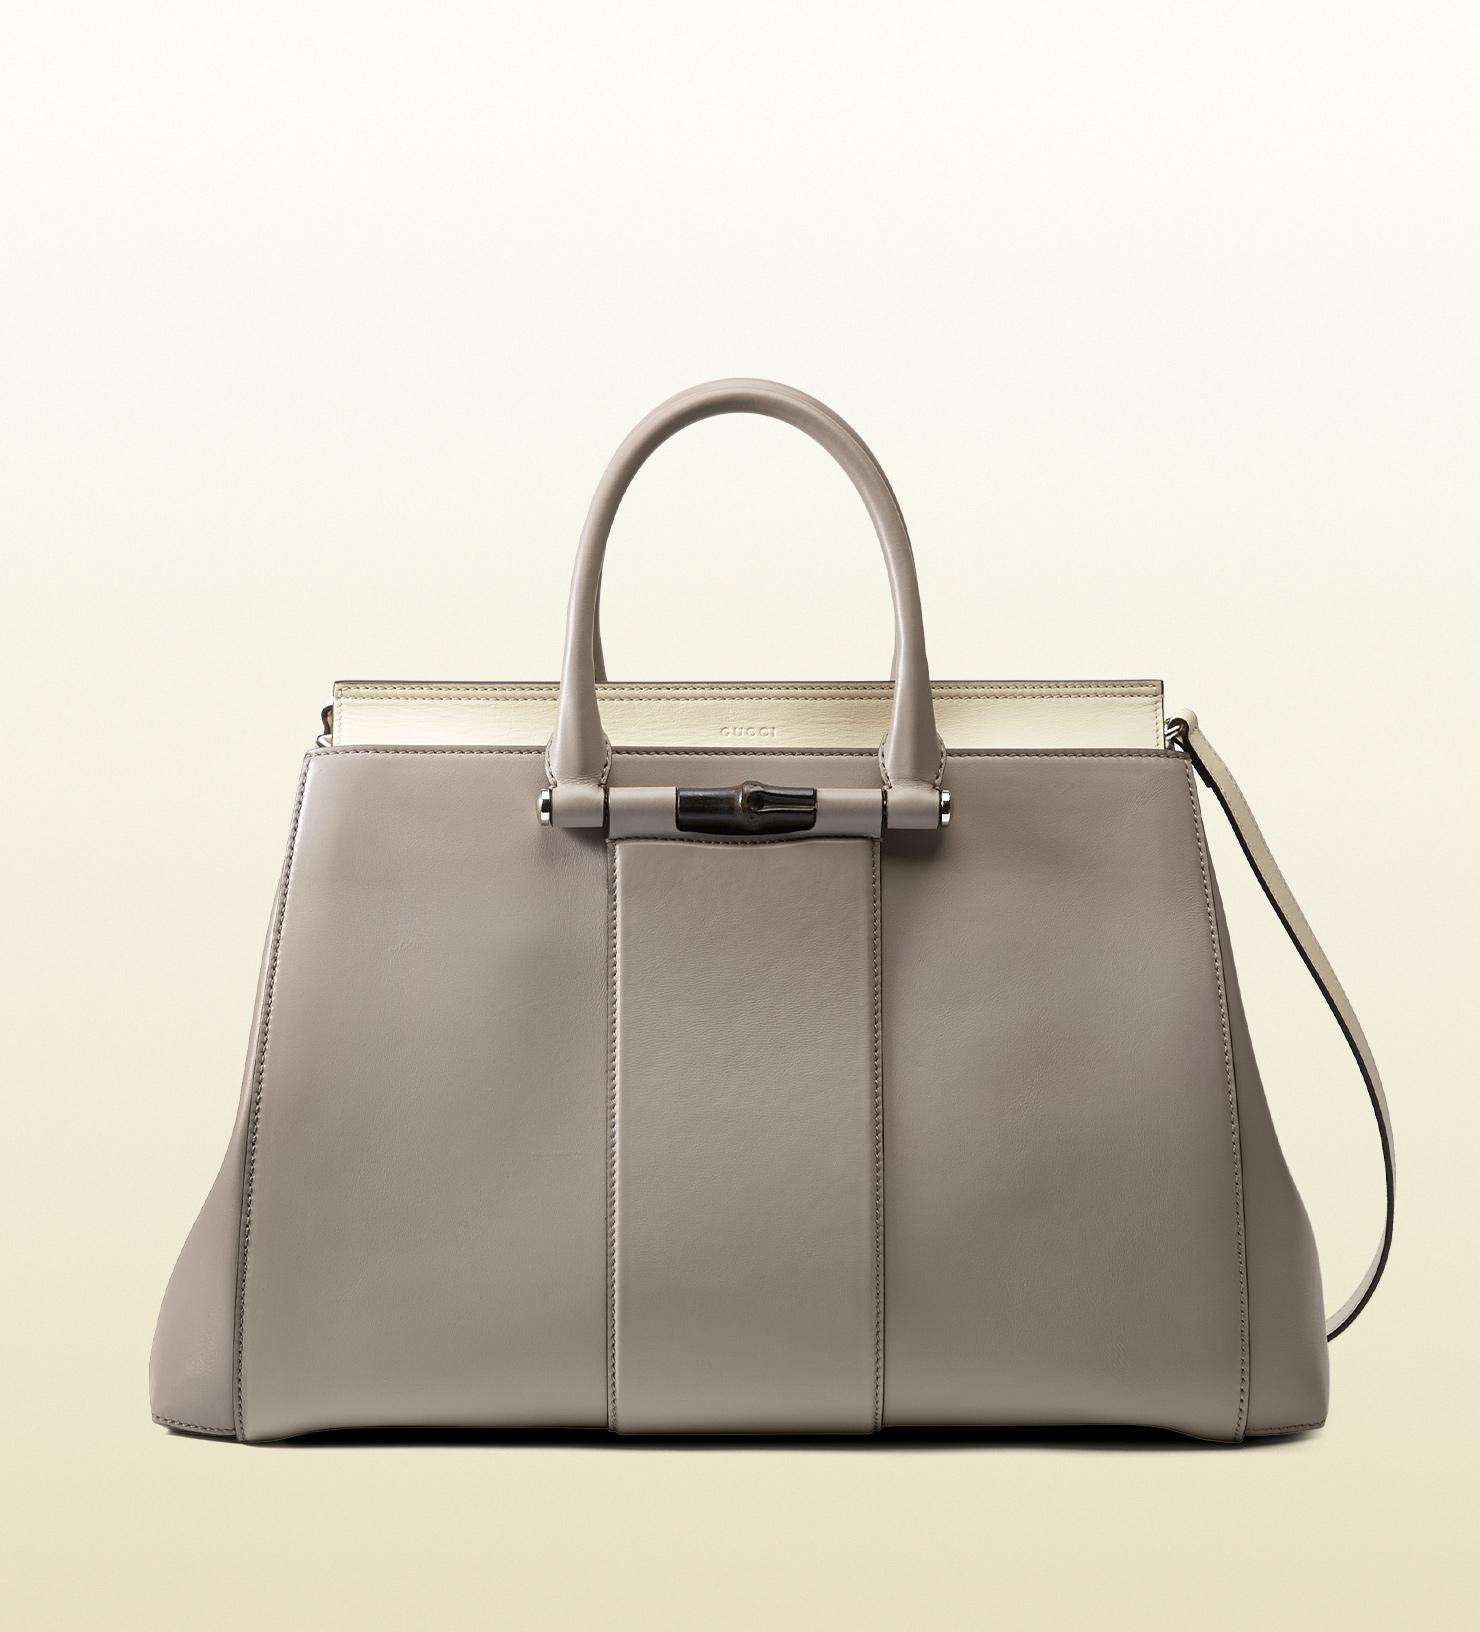 A bolsa na foto abaixo custa 3250 dólares no site oficial da marca. Ui!  DSC 0011. gucci 11af7e3eb0